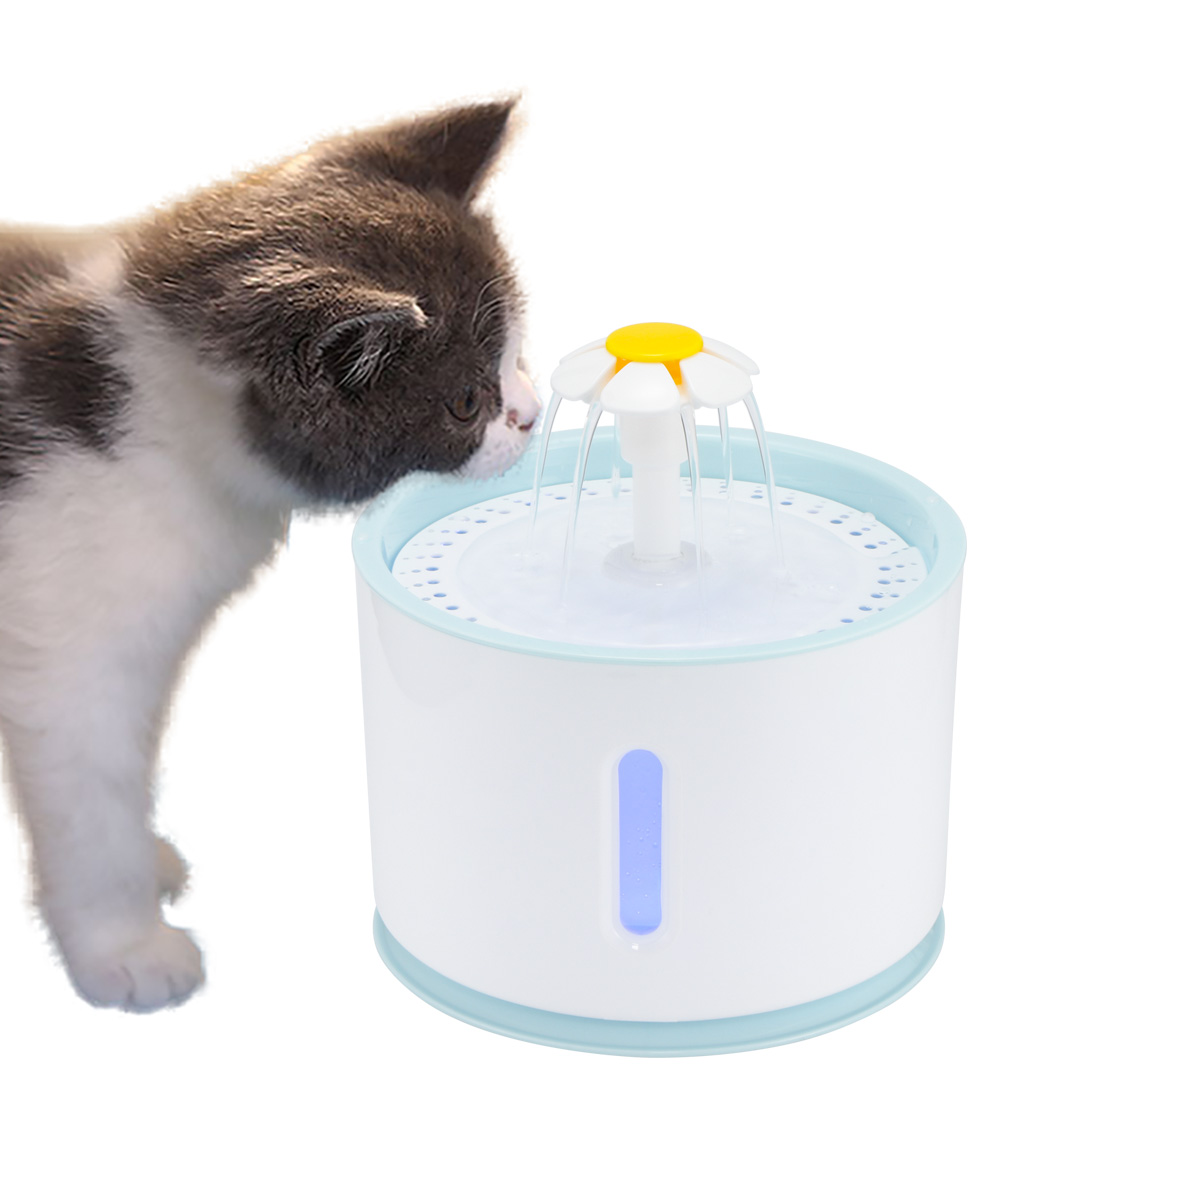 2.4l automático fonte de água do gato do animal de estimação com diodo emissor de luz elétrica usb cão gato pet mudo bebedor alimentador tigela pet potável fonte dispensador|Suprimentos de alimentação para gatos|   - AliExpress